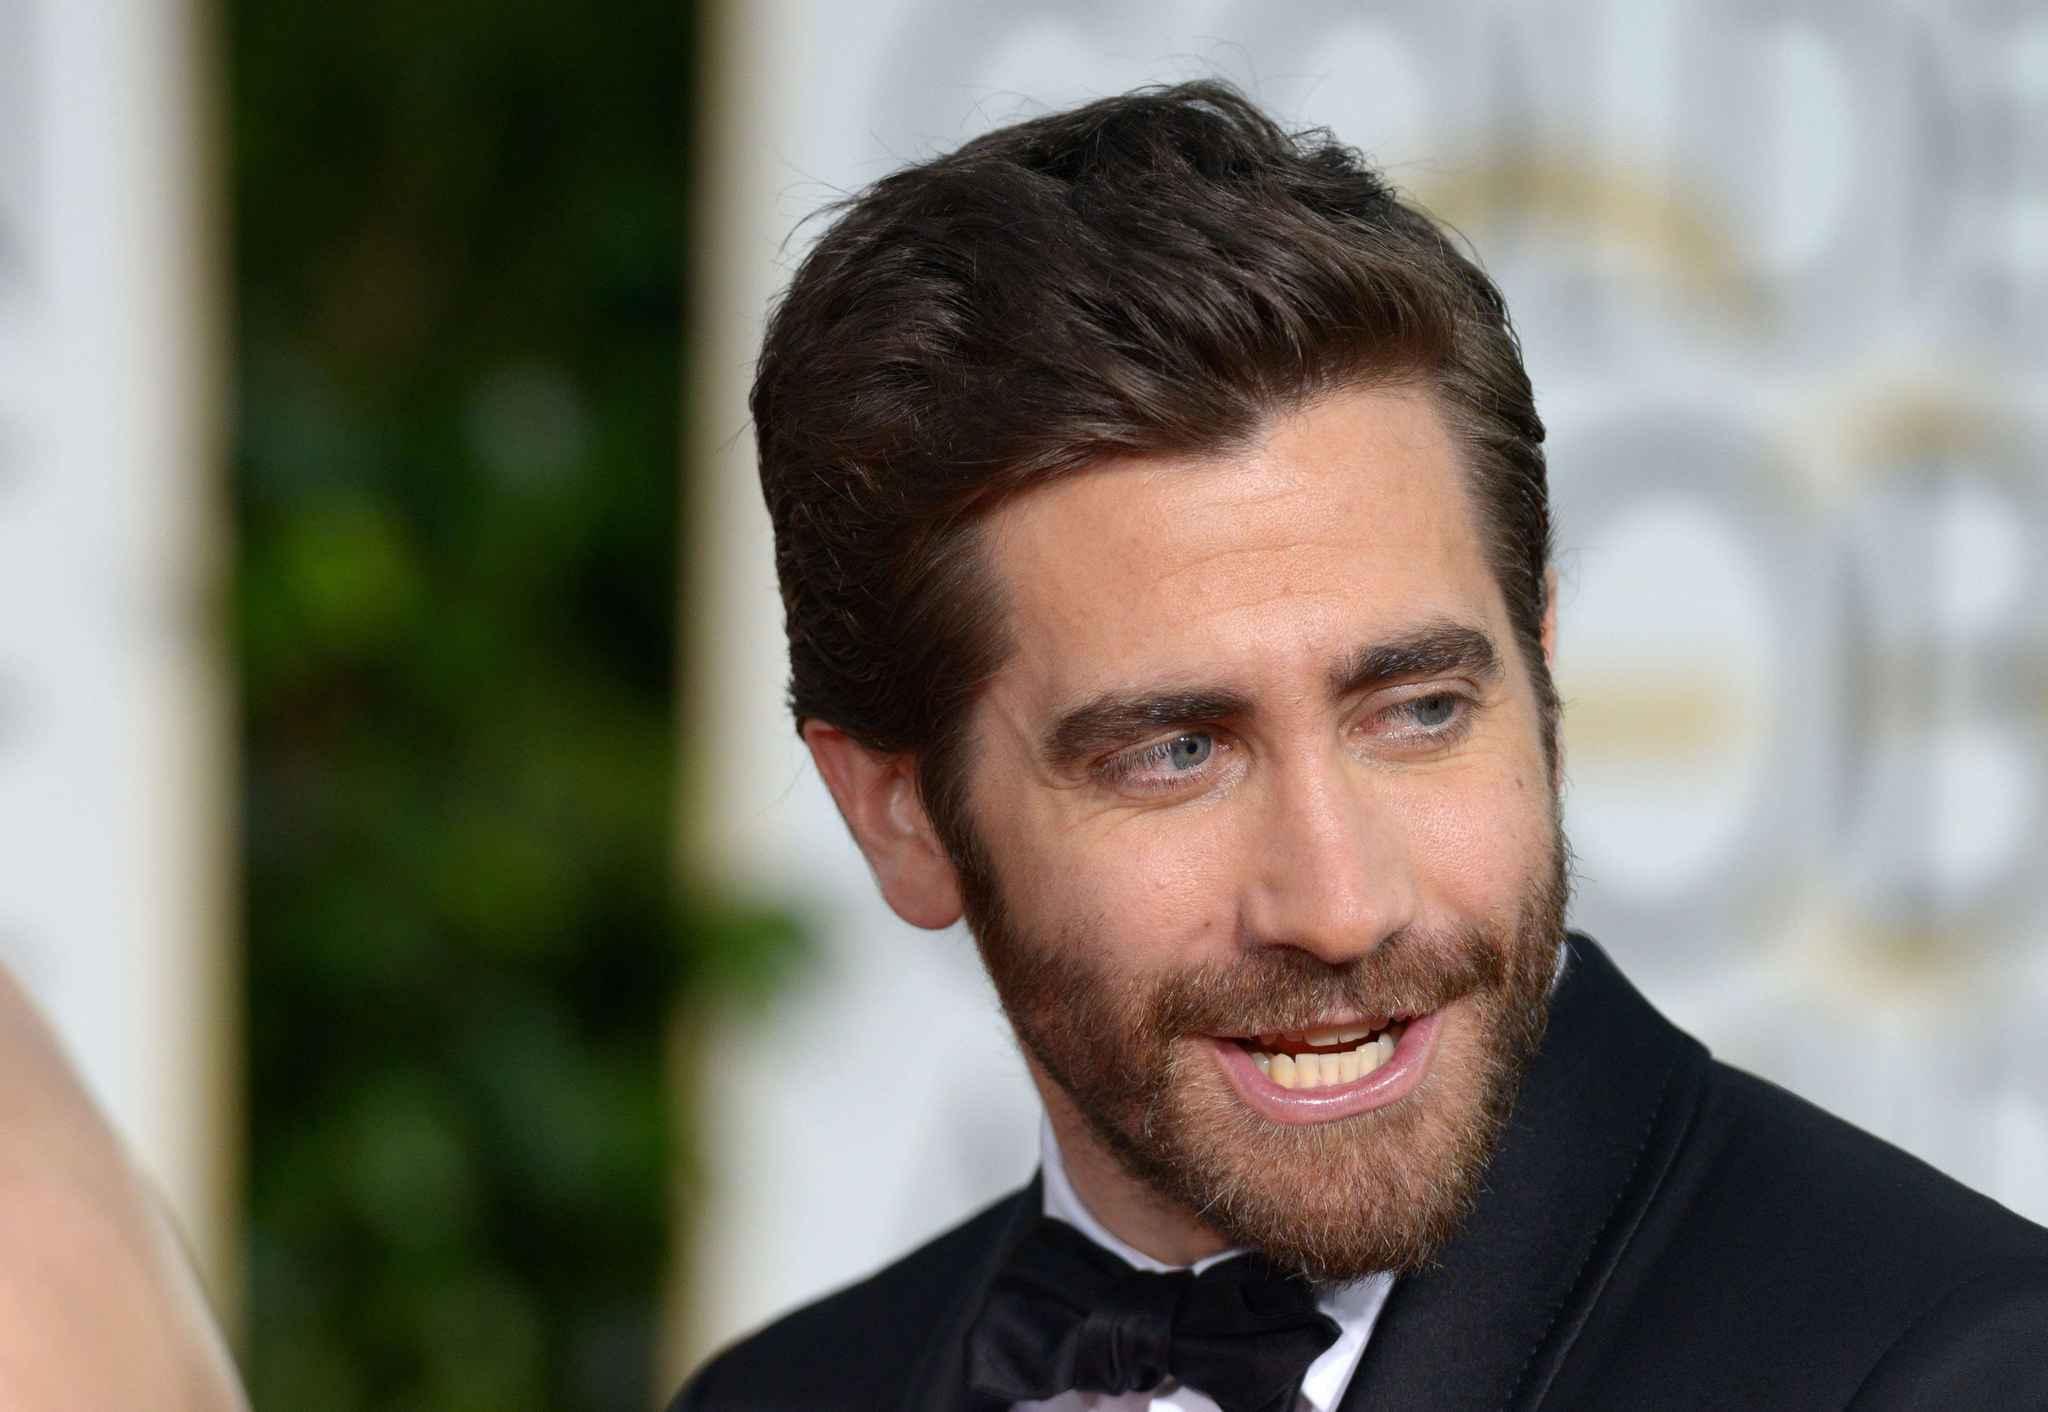 jake gyllenhaal a peur de s engager kendall jenner en petite culotte. Black Bedroom Furniture Sets. Home Design Ideas